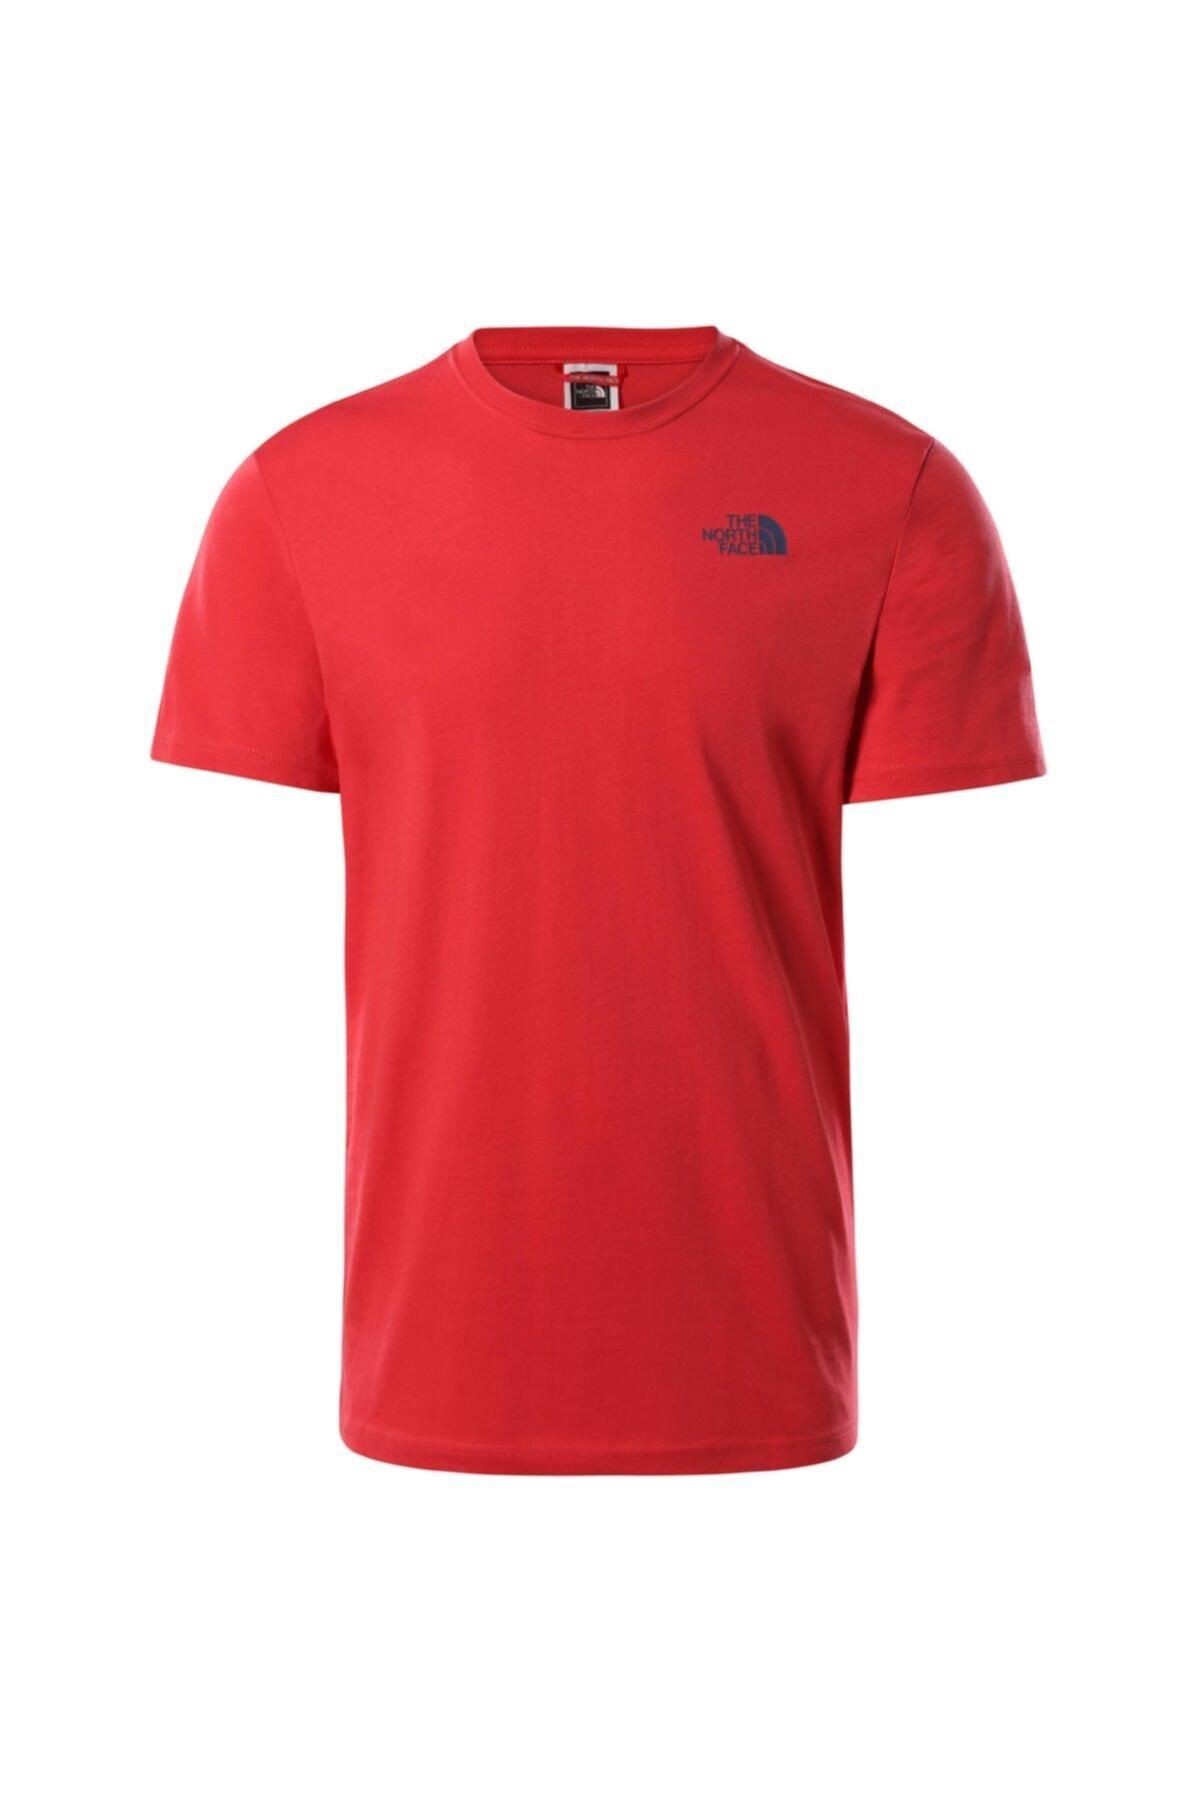 Erkek Kırmızı Redbox Celebration Tee T-shirt T92zxev34